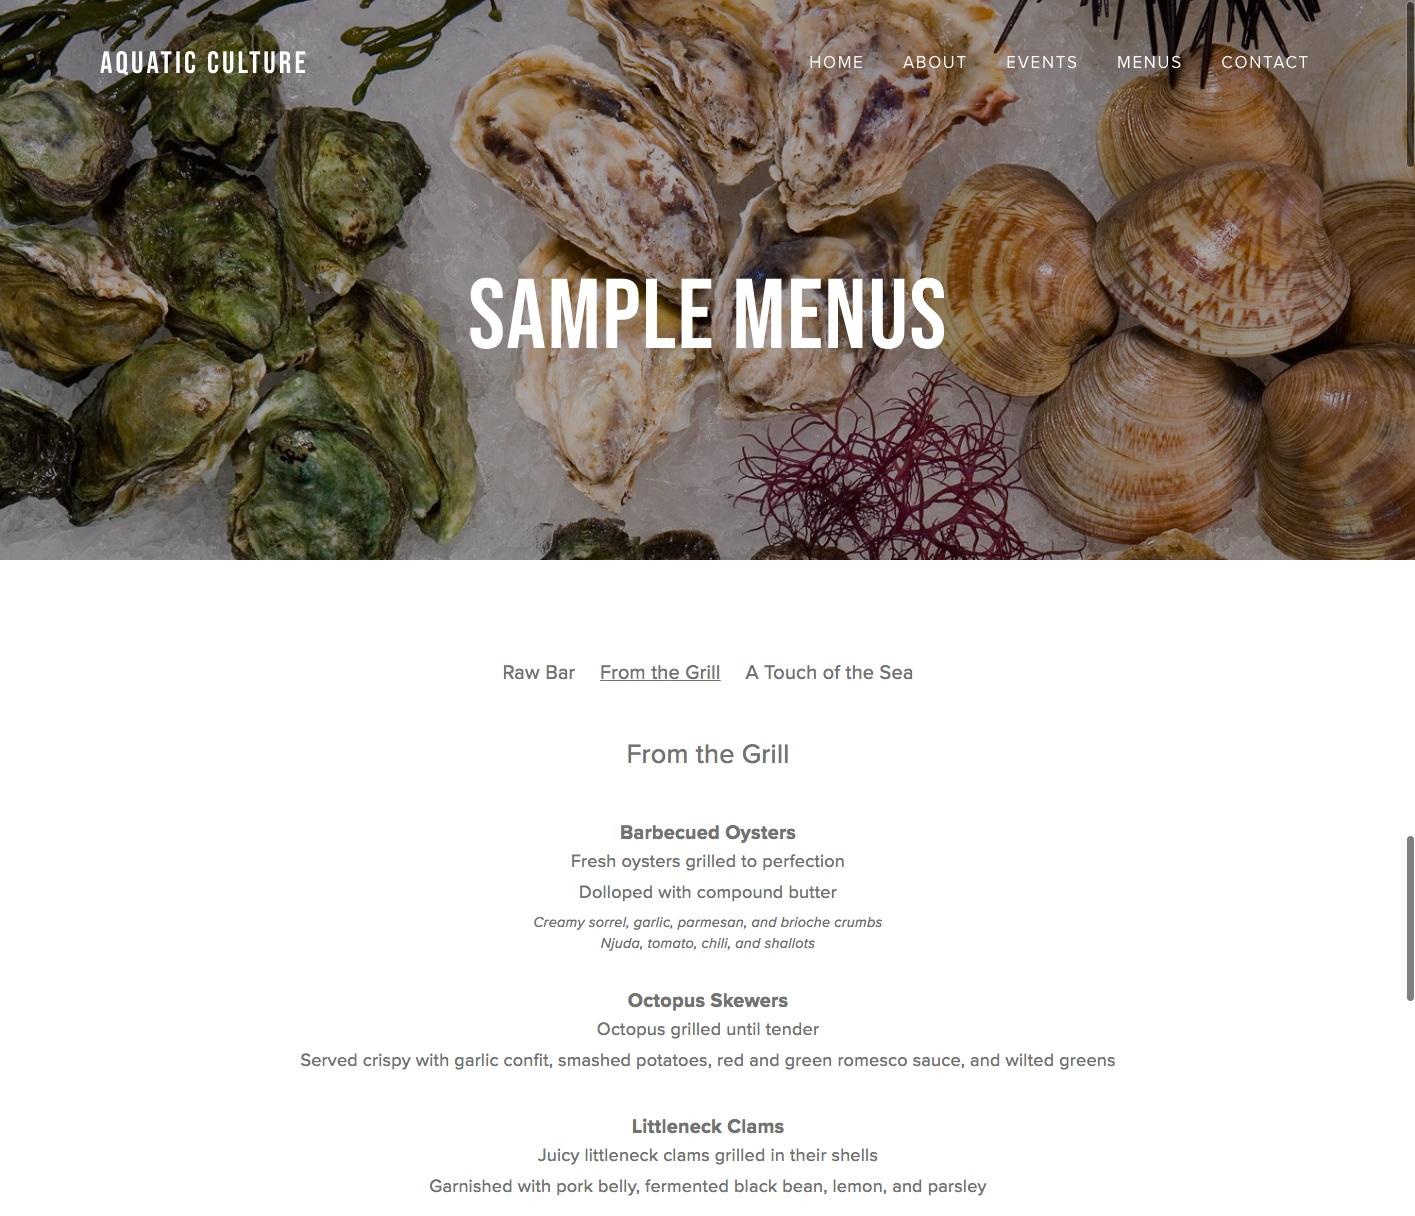 A new look for  Aquatic Culture's sample menu